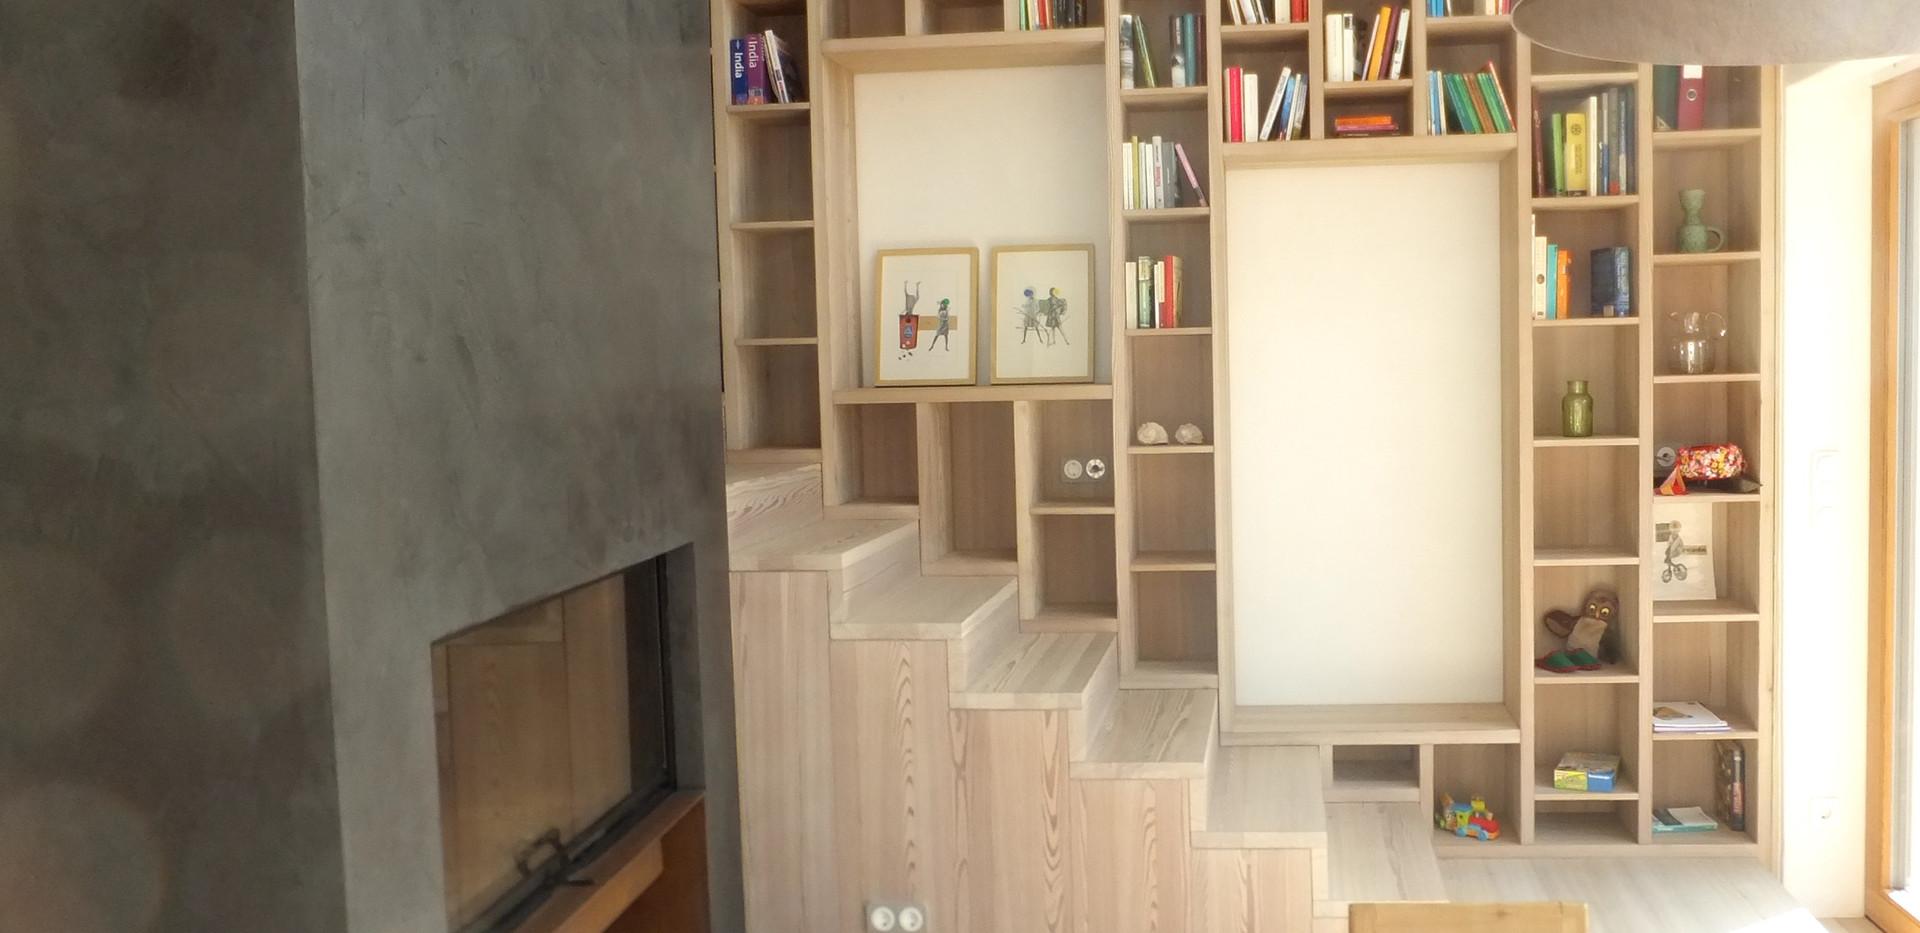 Bücherregal über der Stiege und Kamin ?